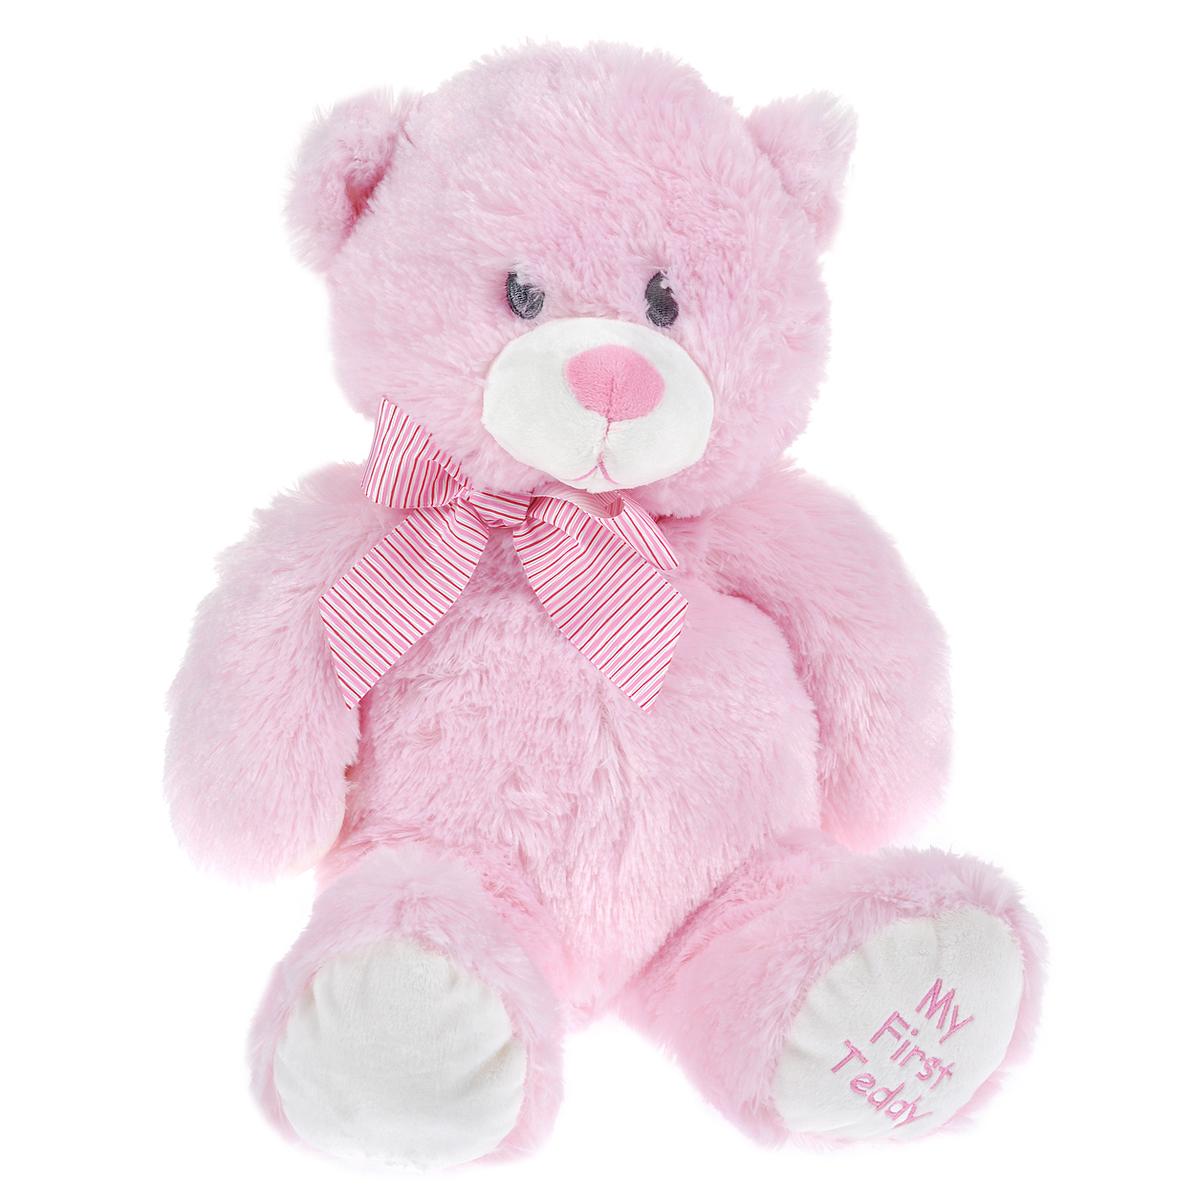 Купить Beanie Boo's Мягкая игрушка Медвежонок , цвет: розовый, 35 см, TY Inc, Мягкие игрушки